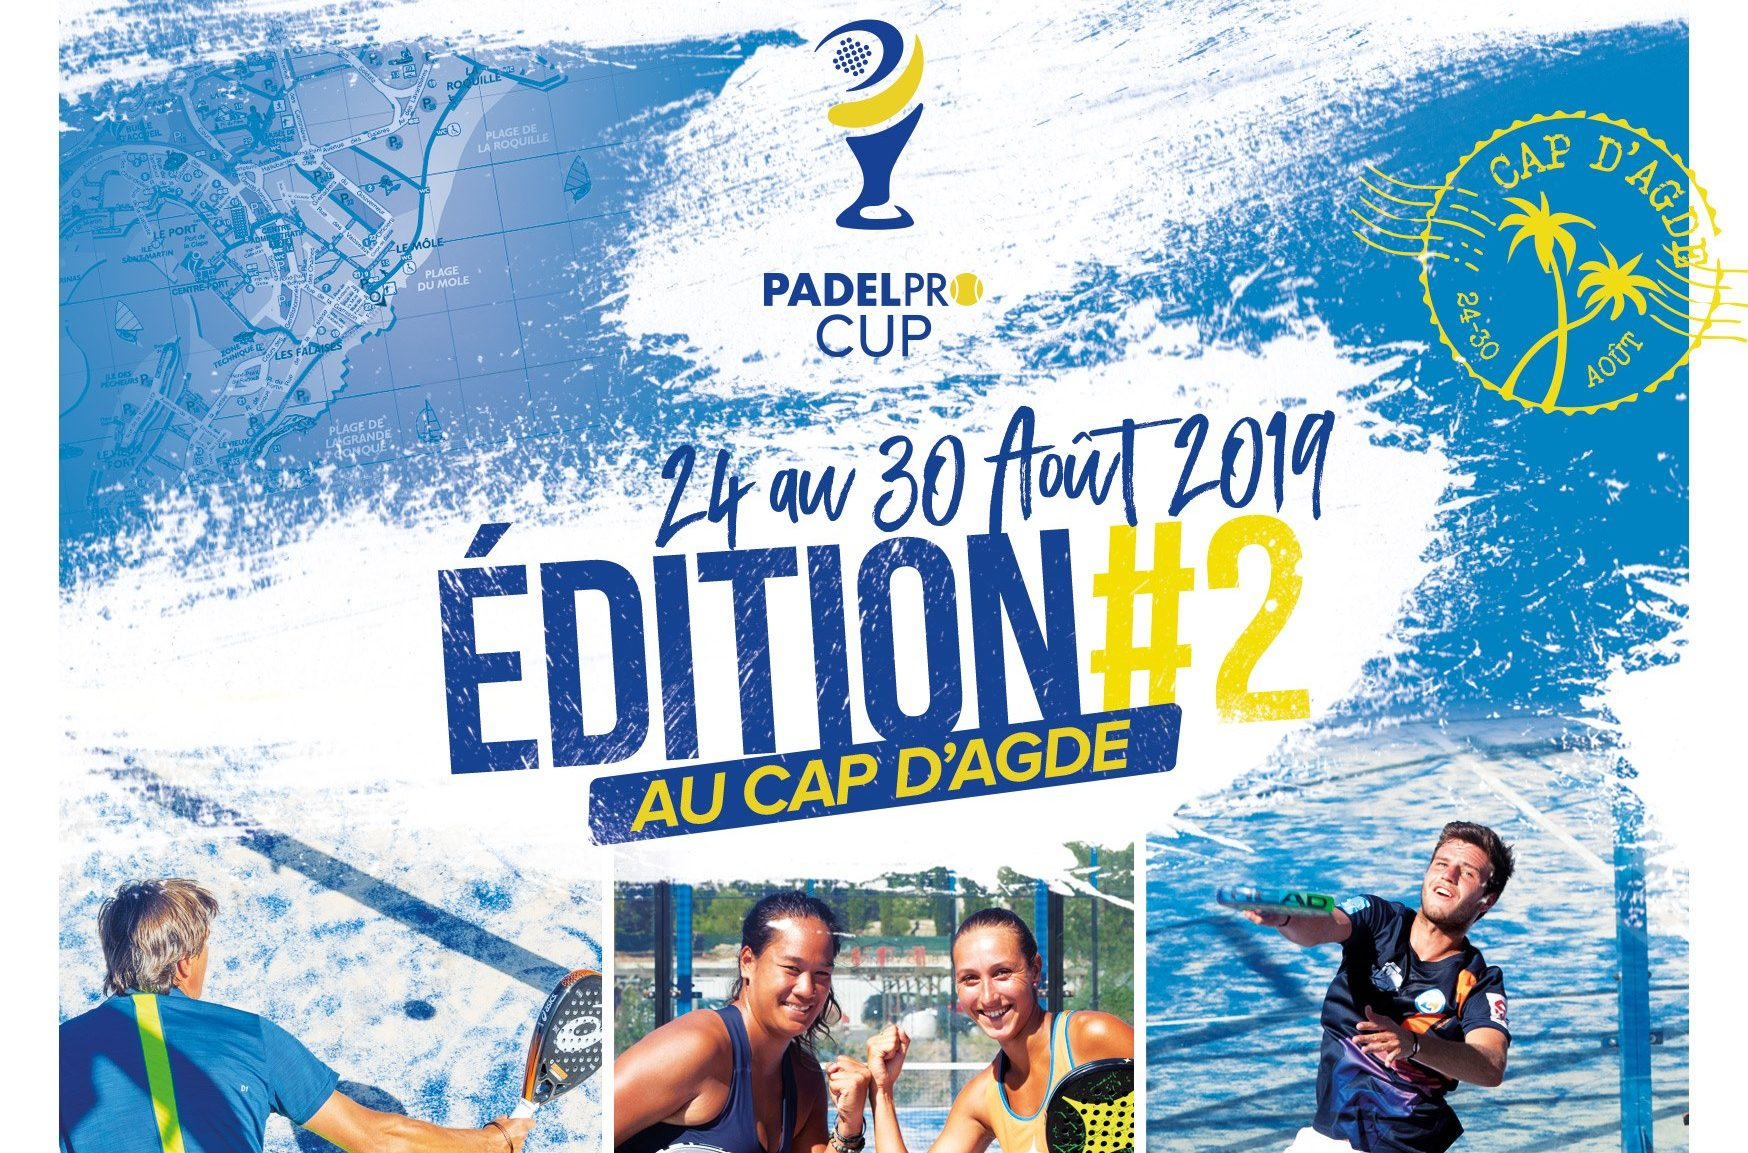 La Padelpro Cup : P1000 et P250